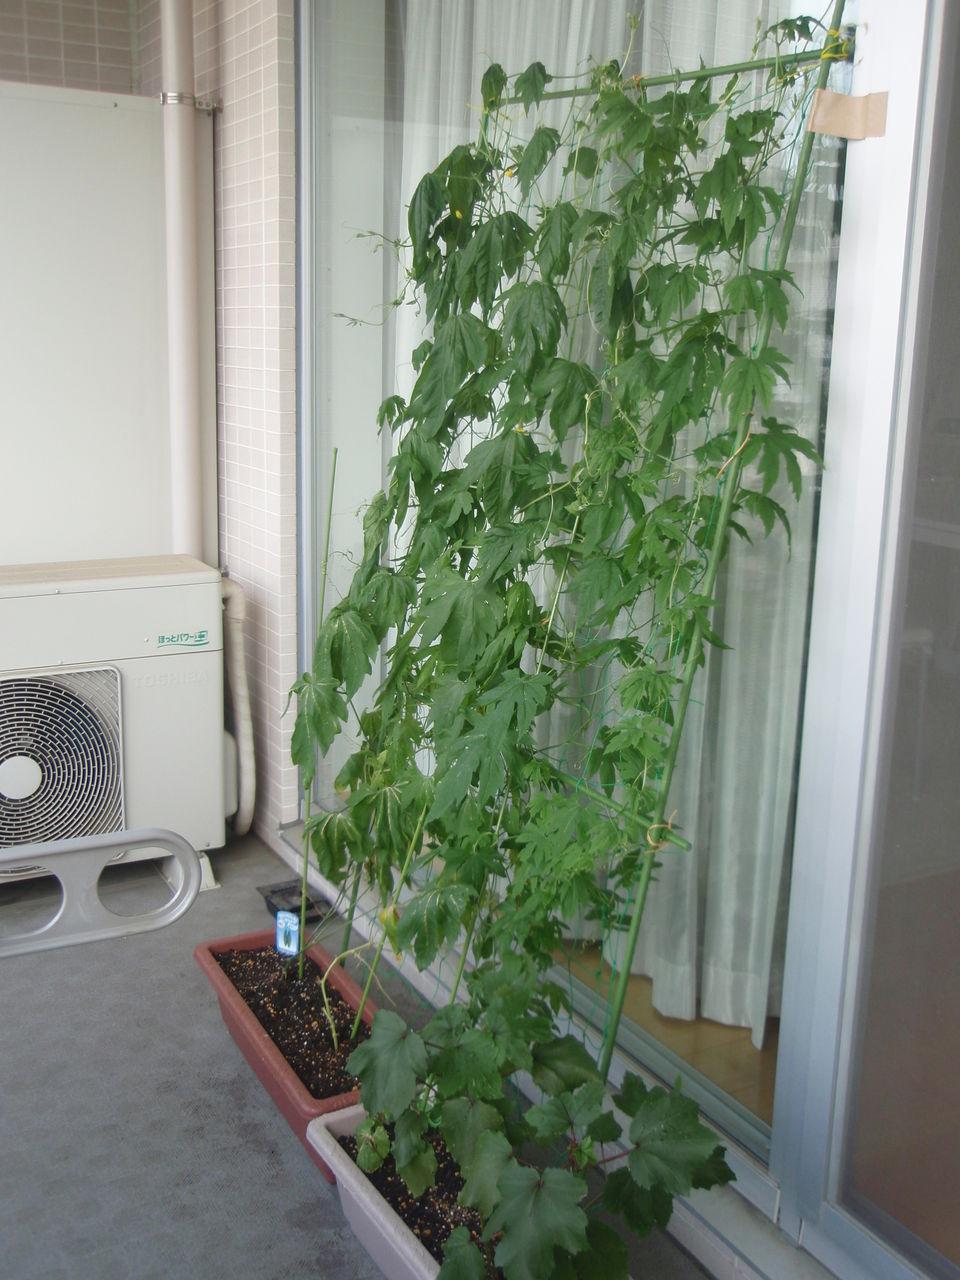 ゴーヤ 育て 方 ゴーヤの種まき方法をご紹介!発芽させる時期や温度と育て方のコツを...